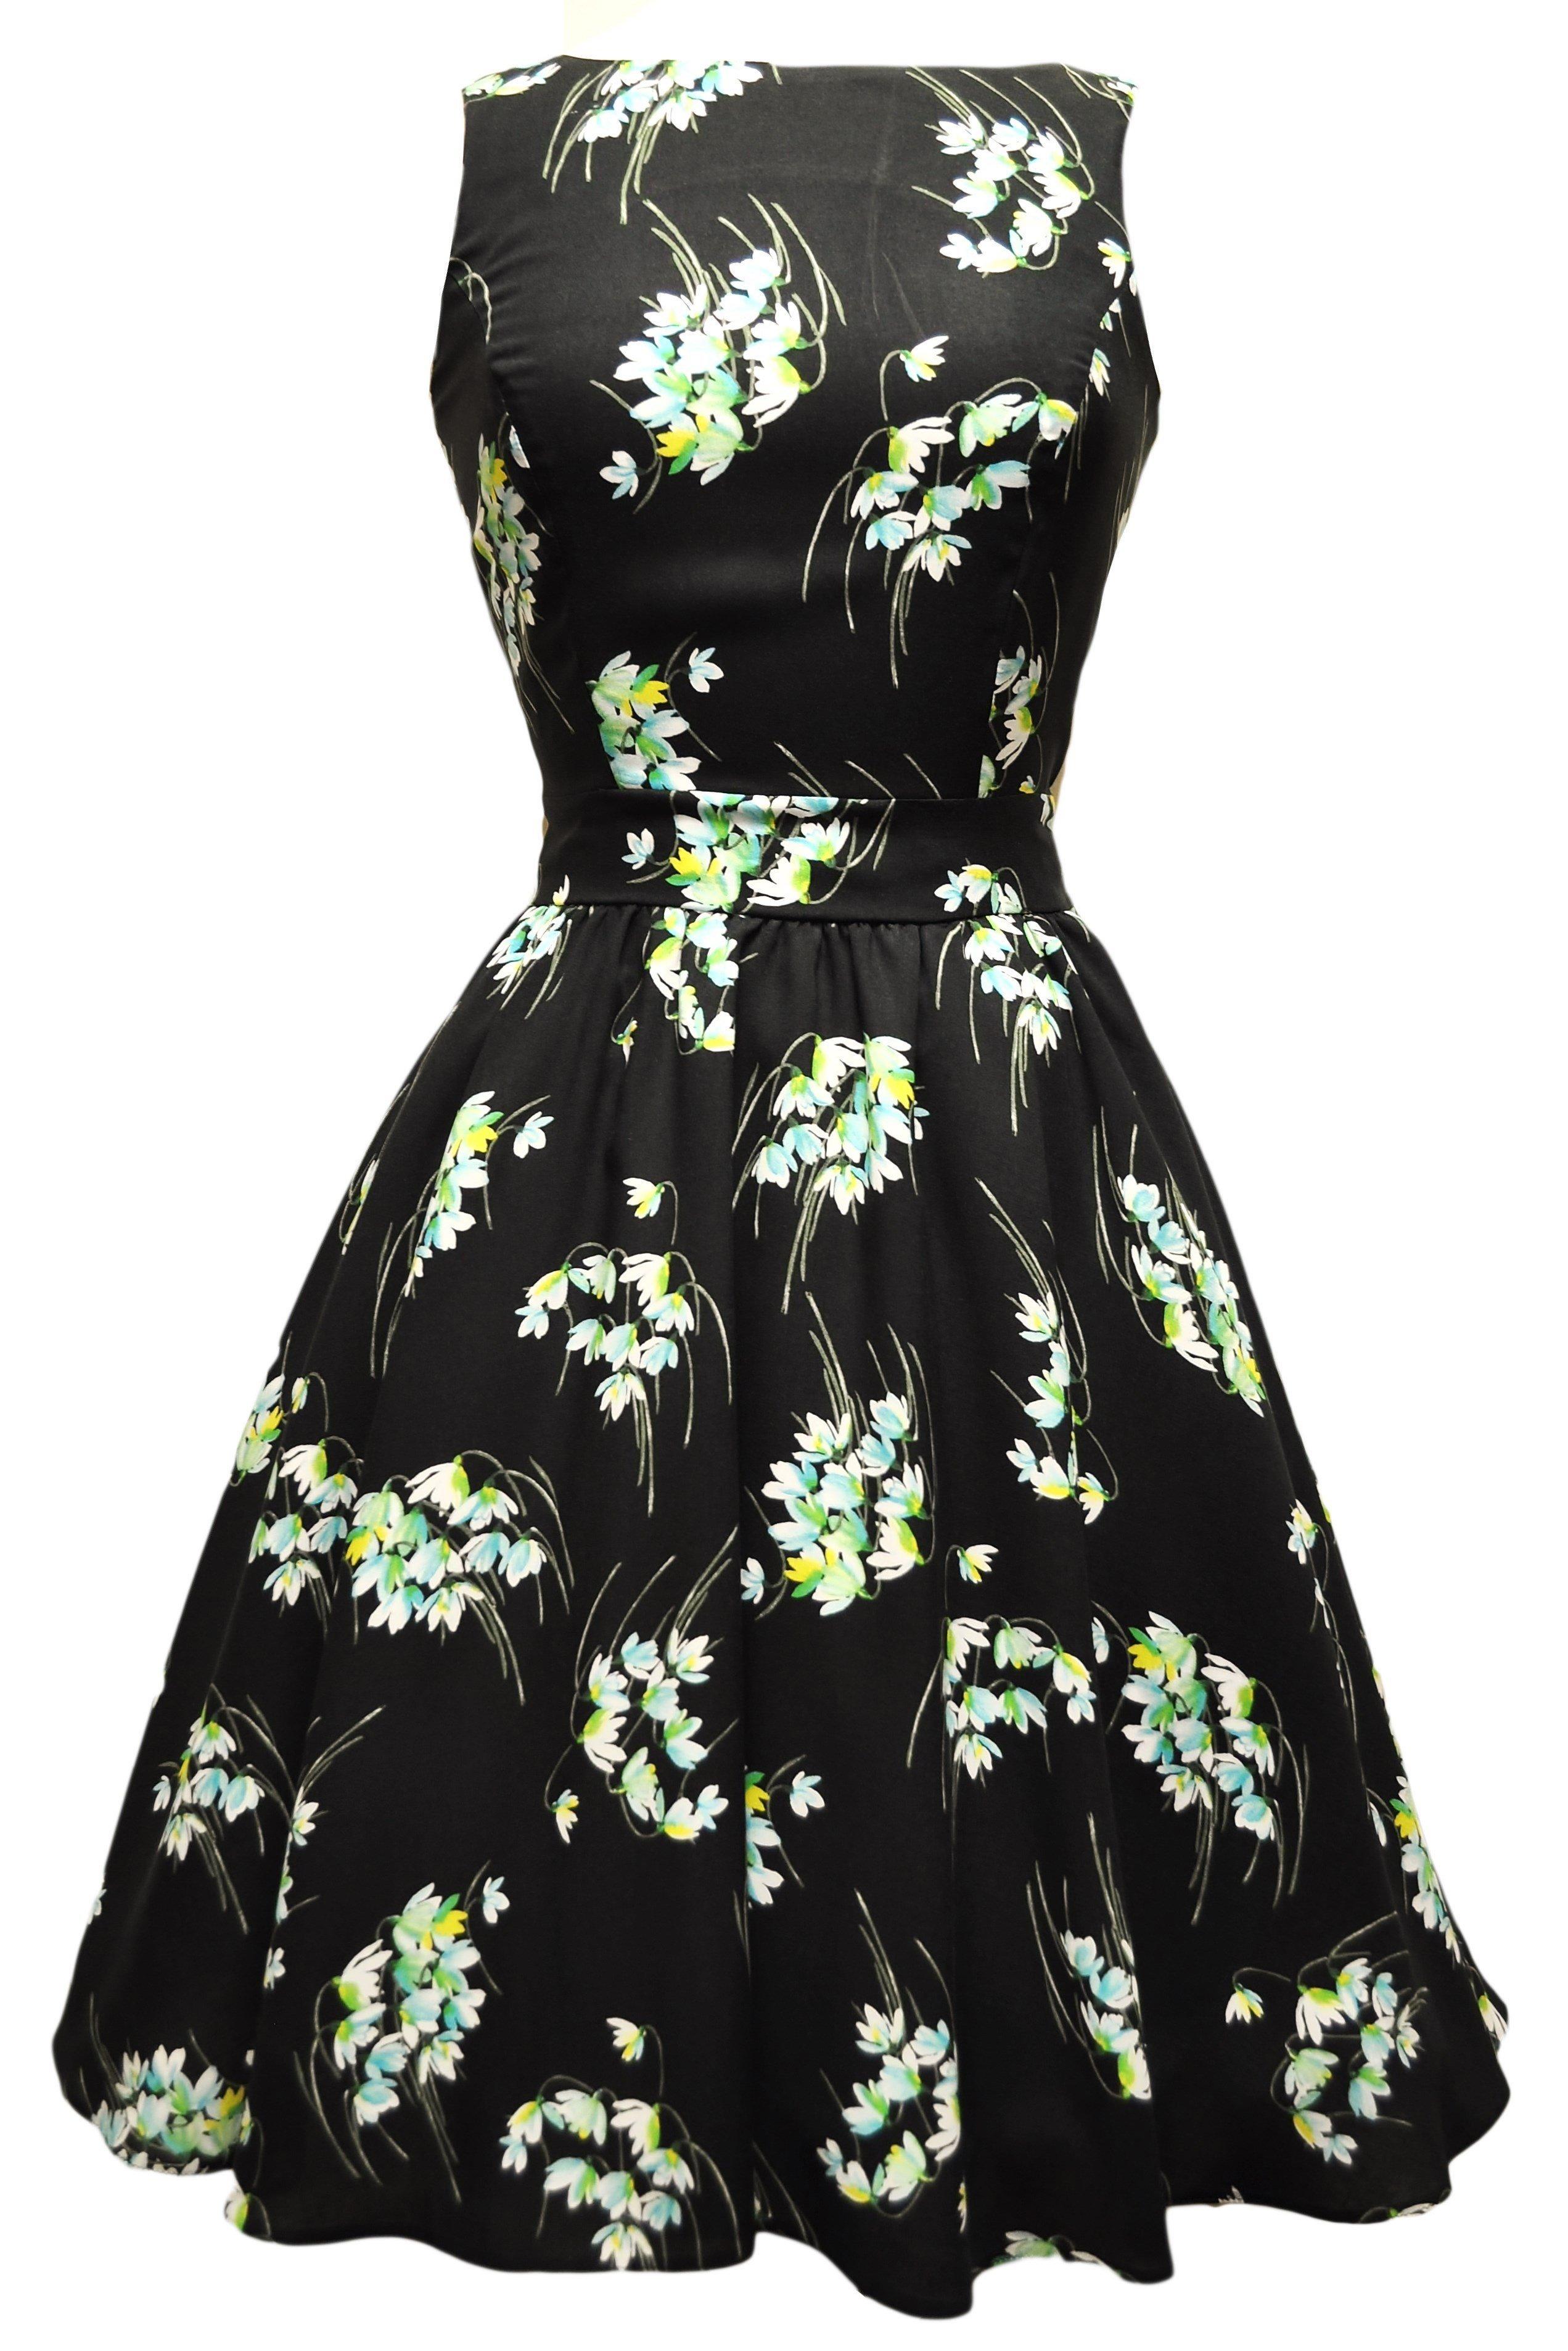 Sort kjole med smukke vintergækker i klare farver